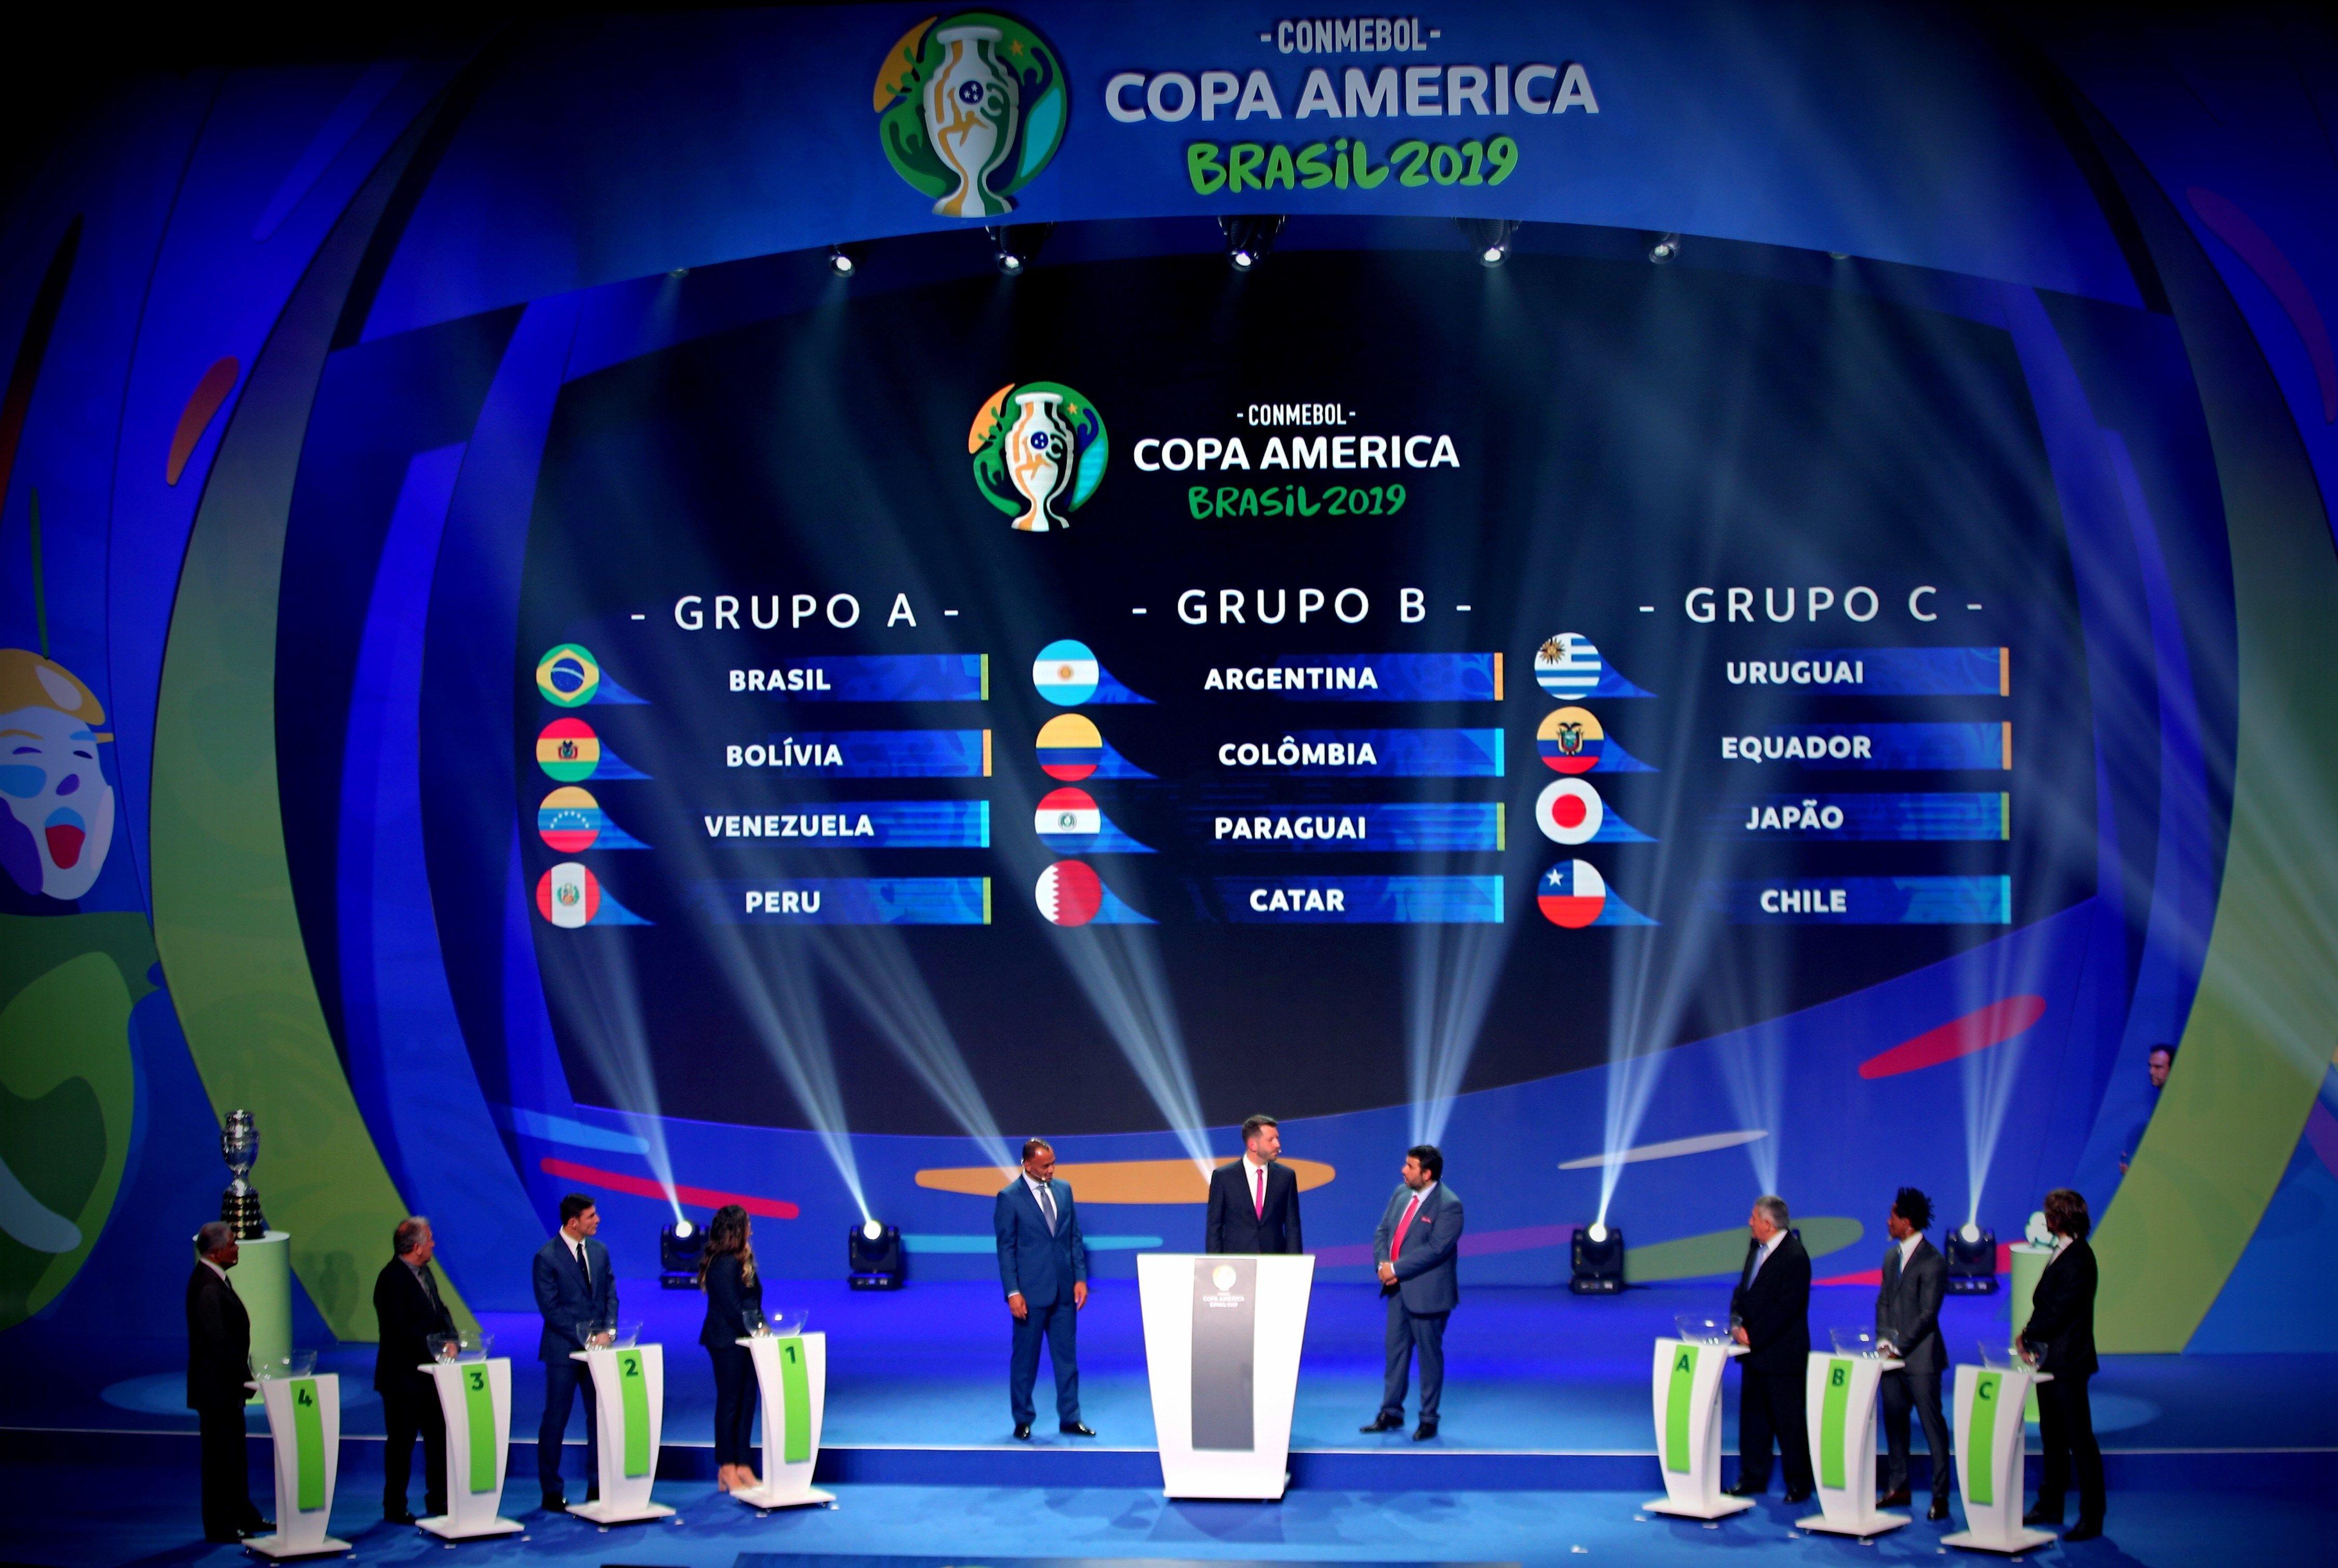 Así quedaron los grupos para la Copa América Brasil 2019 luego del sorteo efectuado este jueves, en Río de Janeiro. (Foto Prensa Libre: EFE).